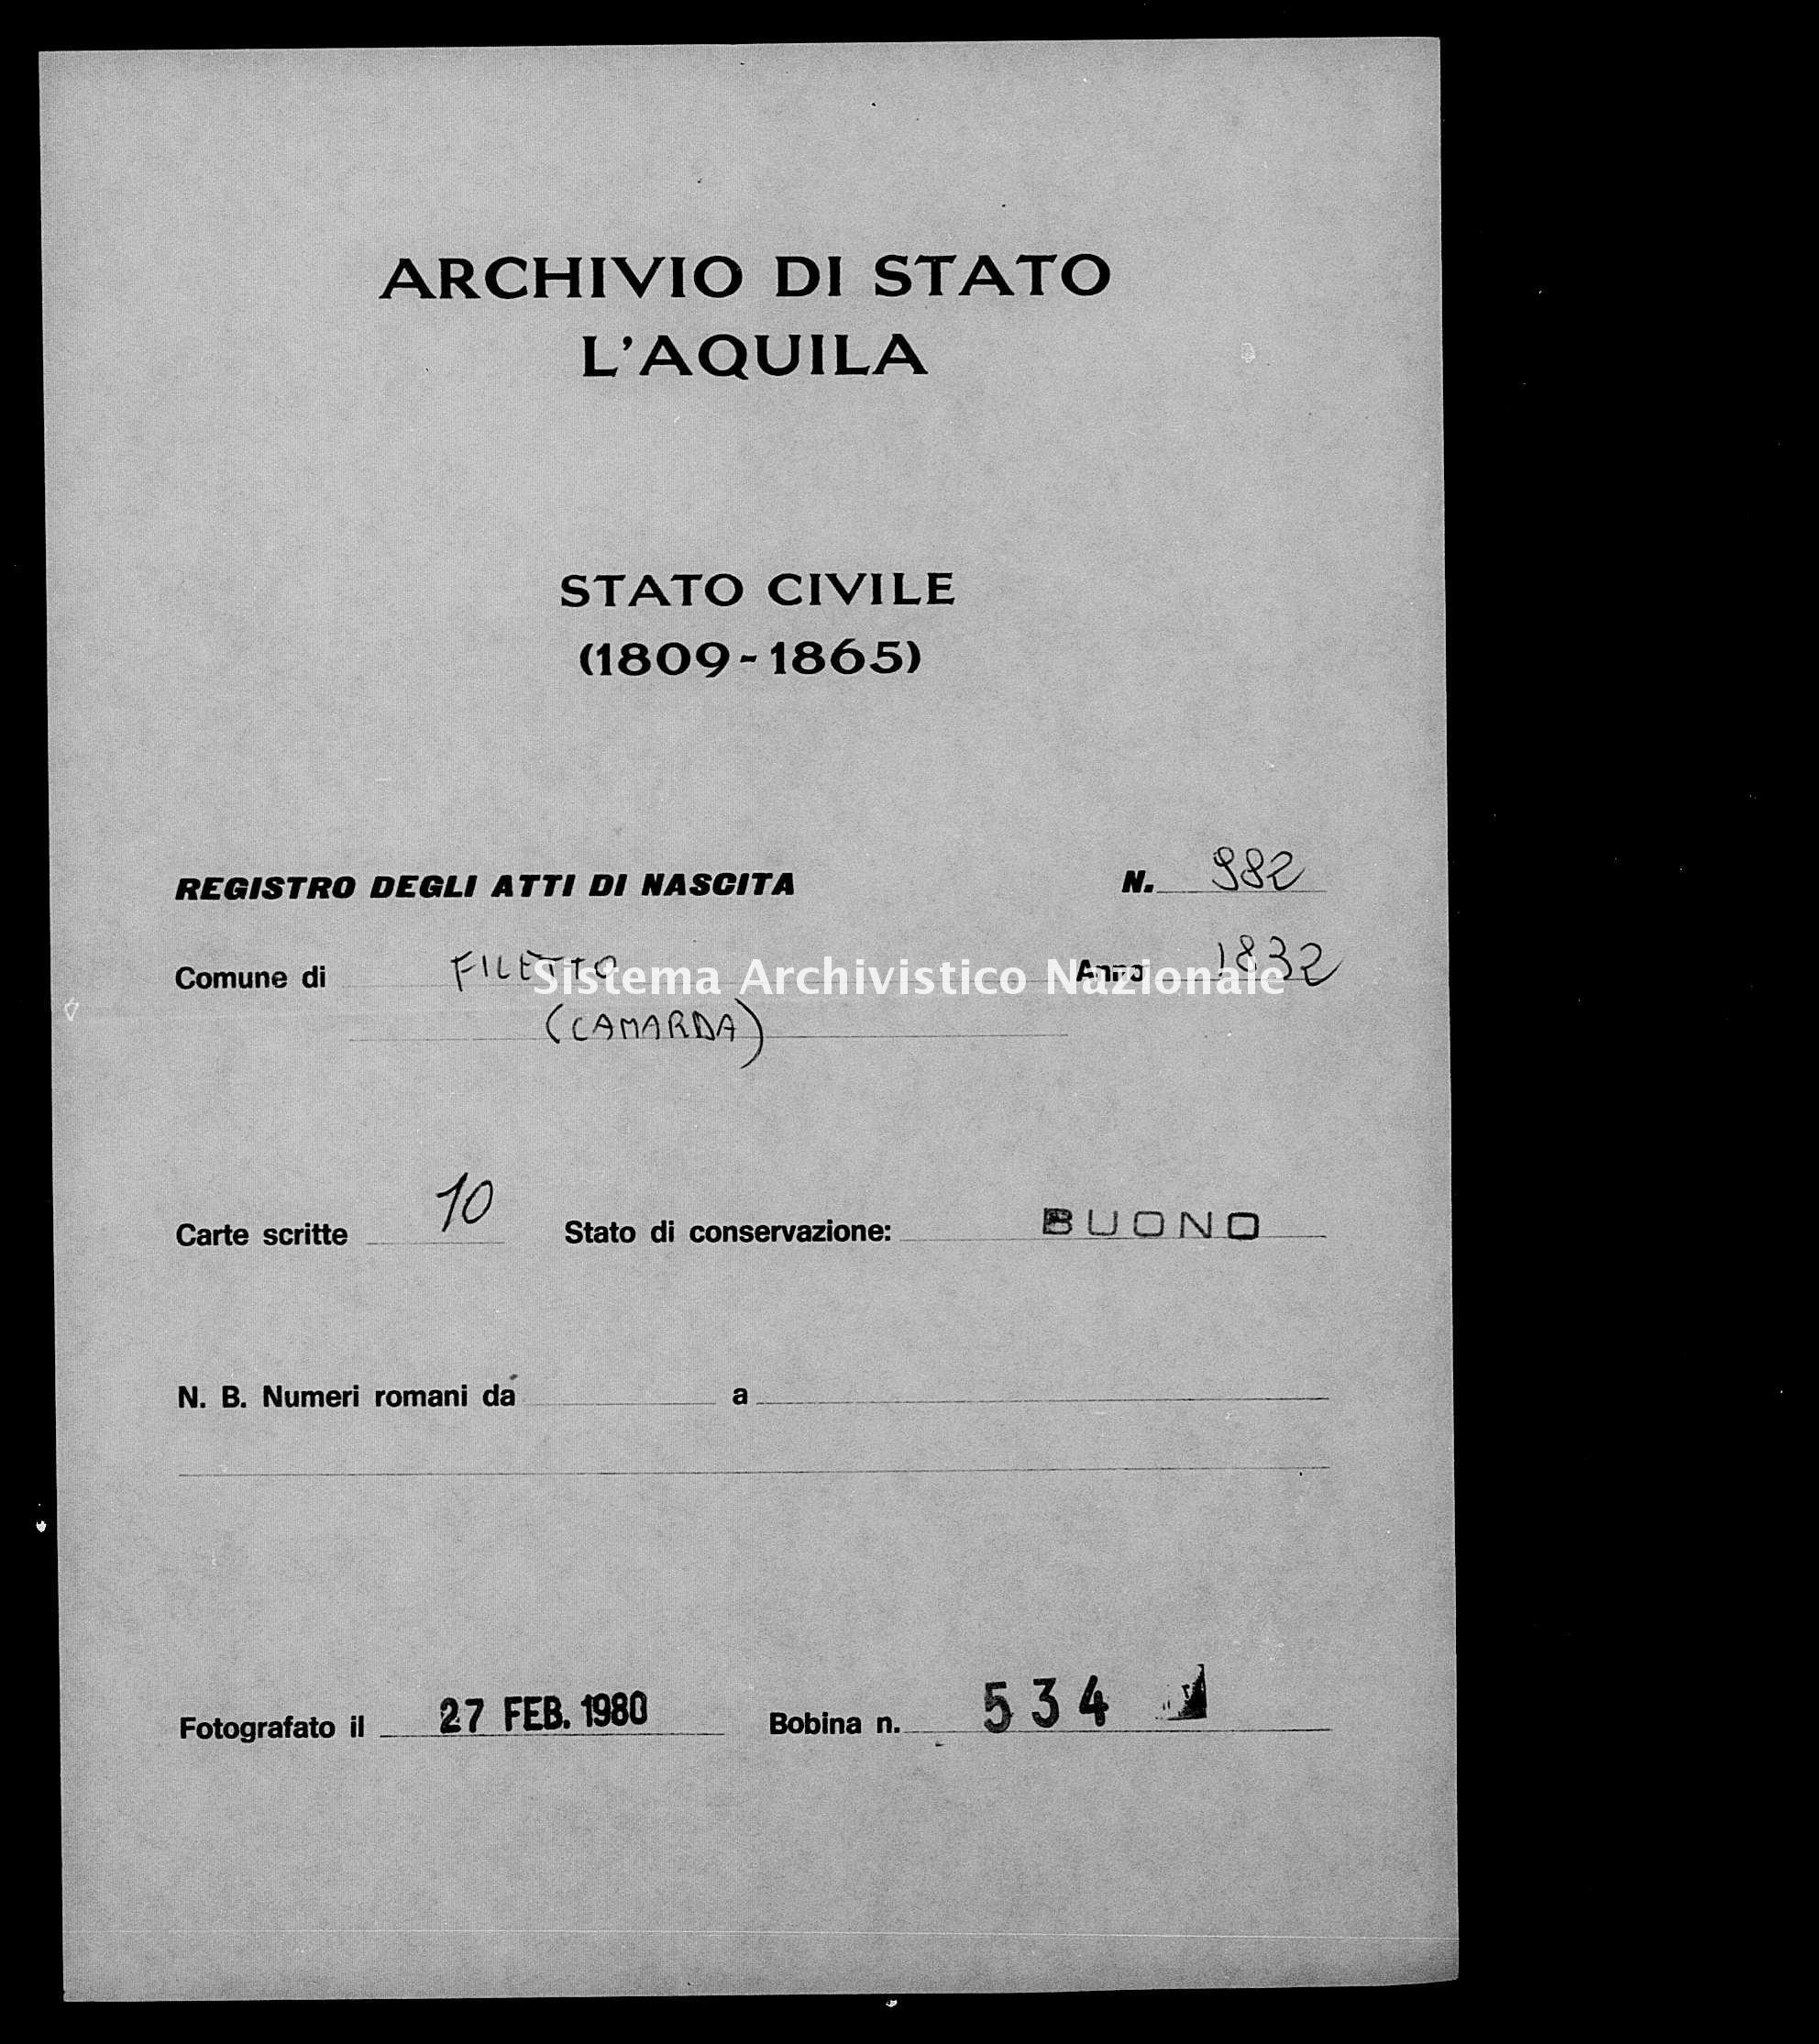 Archivio di stato di L'aquila - Stato civile della restaurazione - Filetto - Nati - 1832 - 982 -